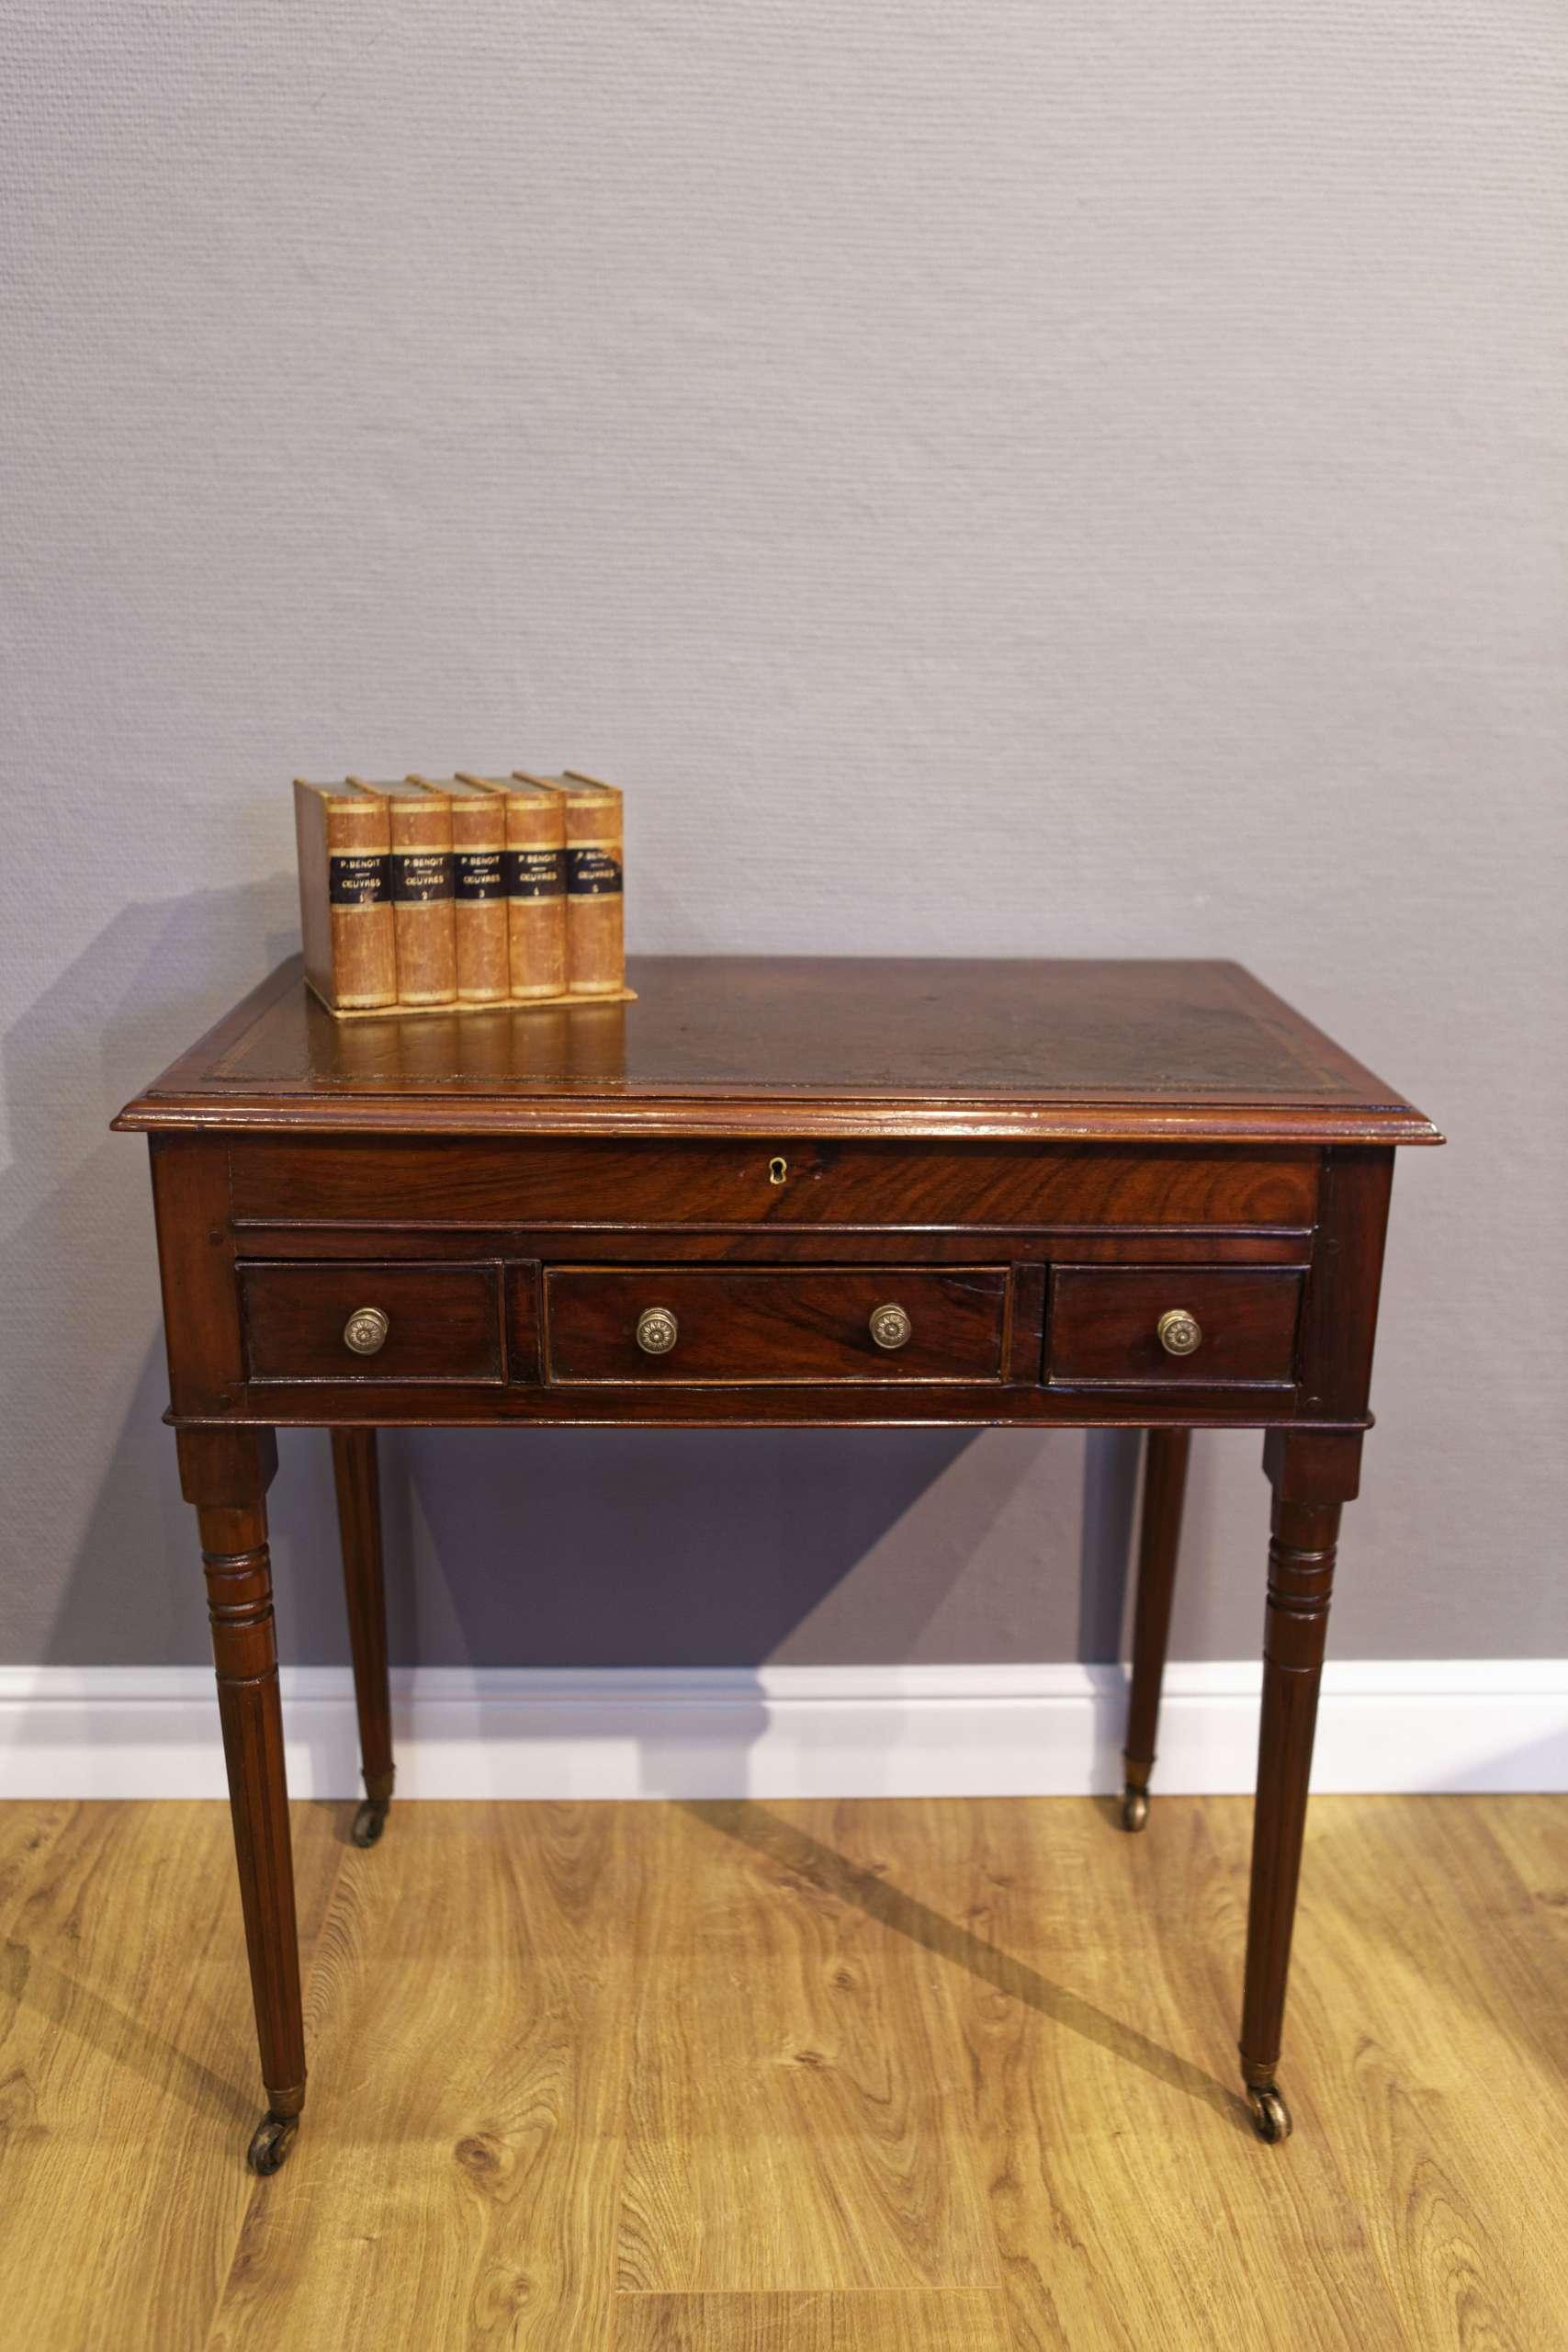 Kleiner Schreibtisch/Hallentisch, Mahagoni